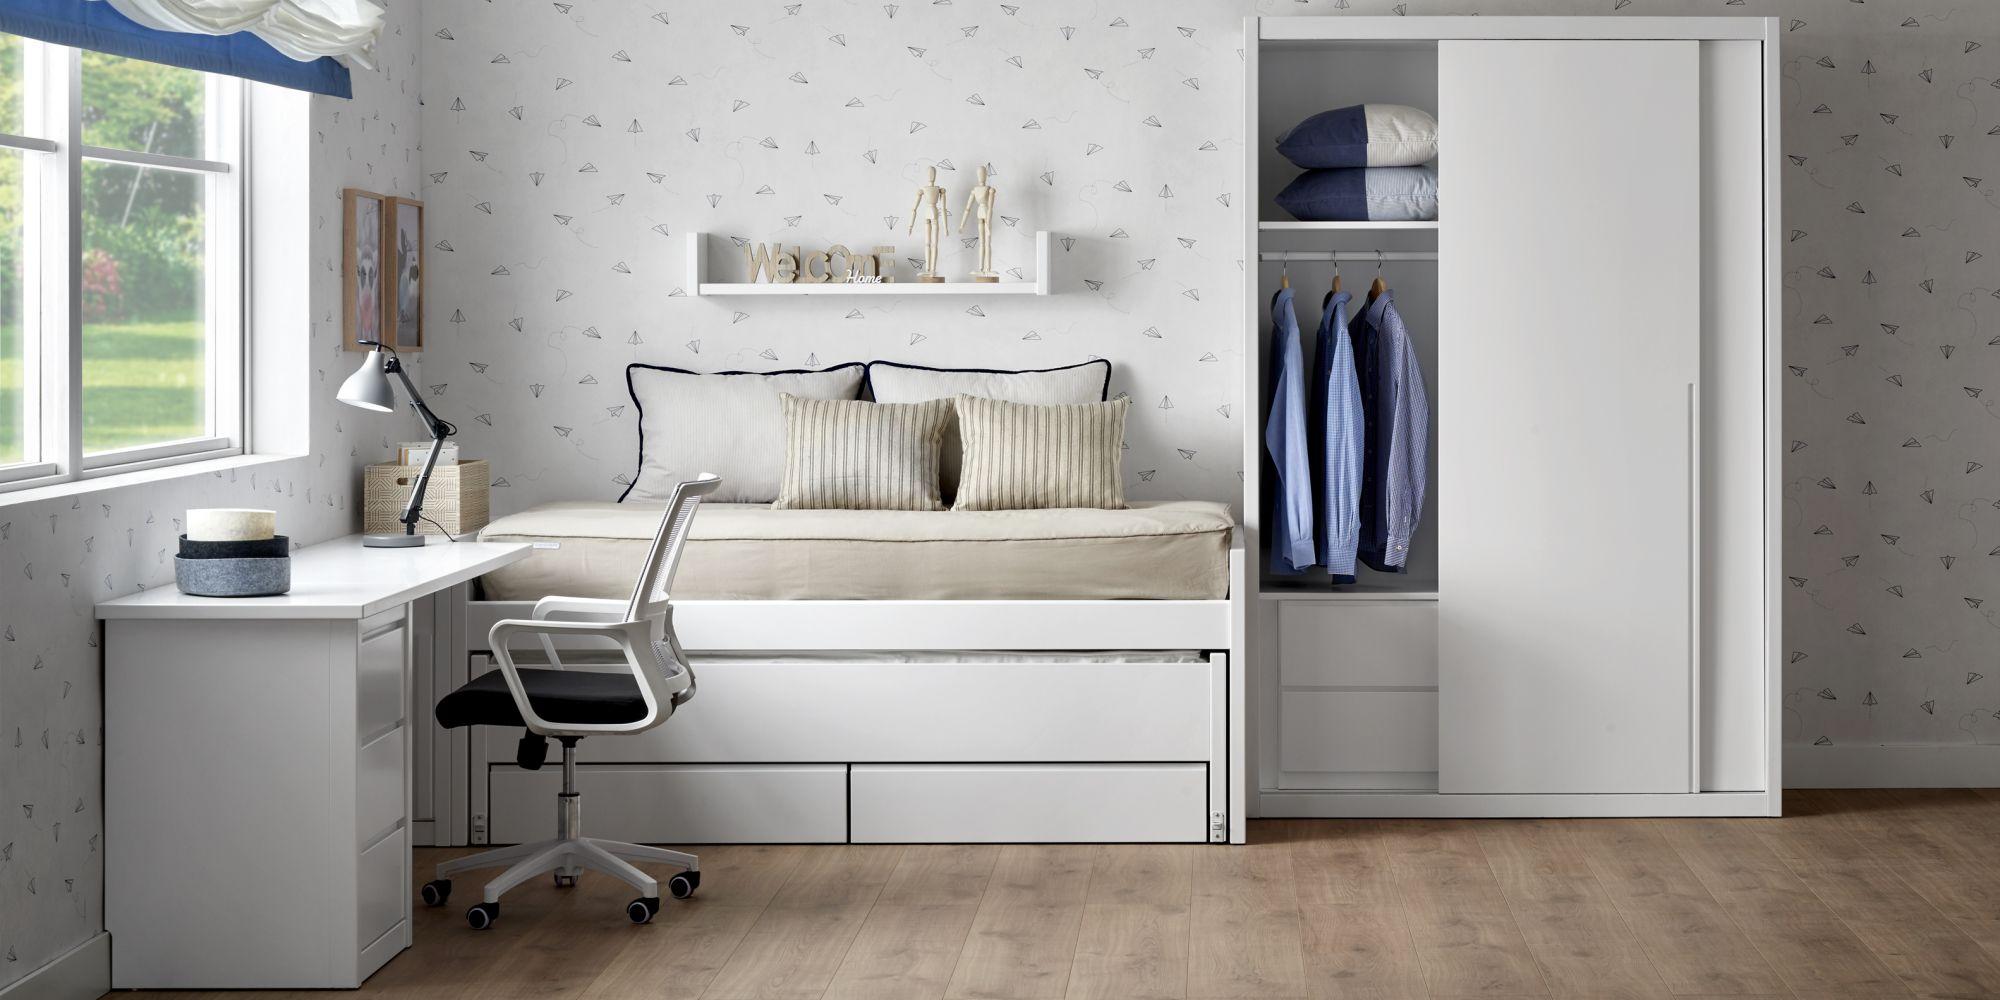 Cama con armario de puertas correderas y mesa de estudio